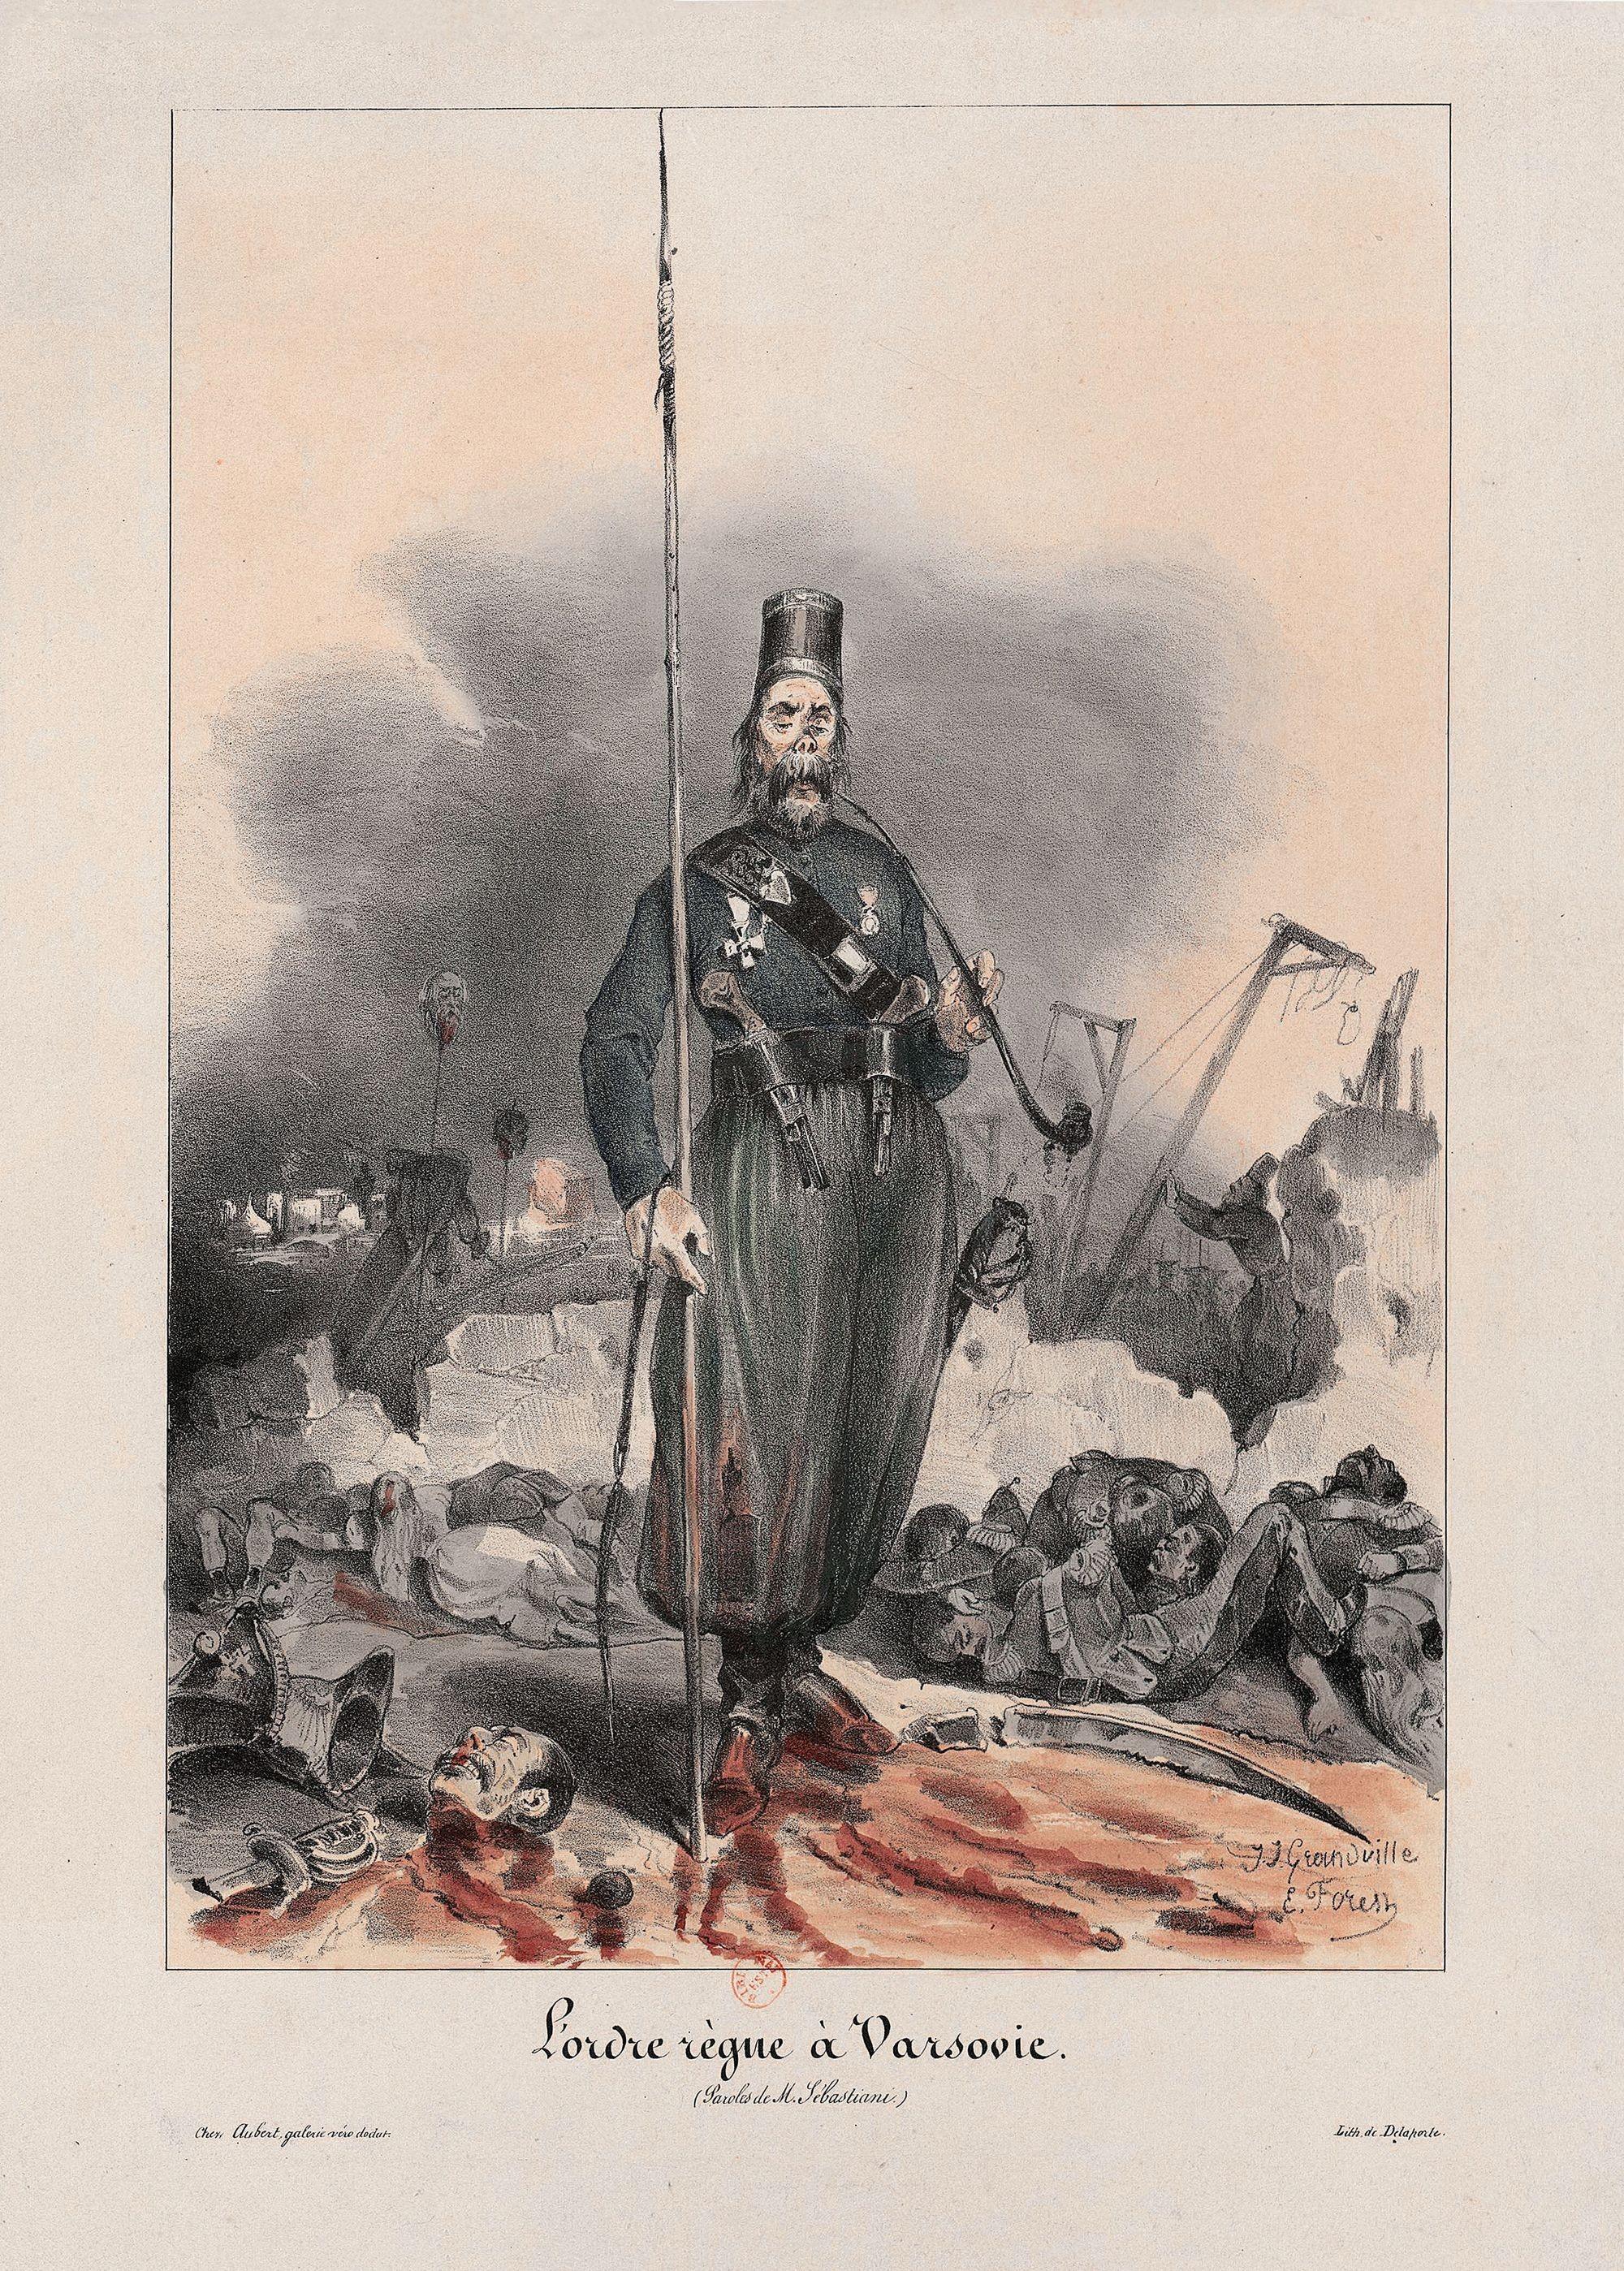 Michel Delaporte et Jean-Jacques Grandville, L'ordre règne à Varsovie, 1831, estampe, 28,6 x 19,8 cm, BnF, Paris.